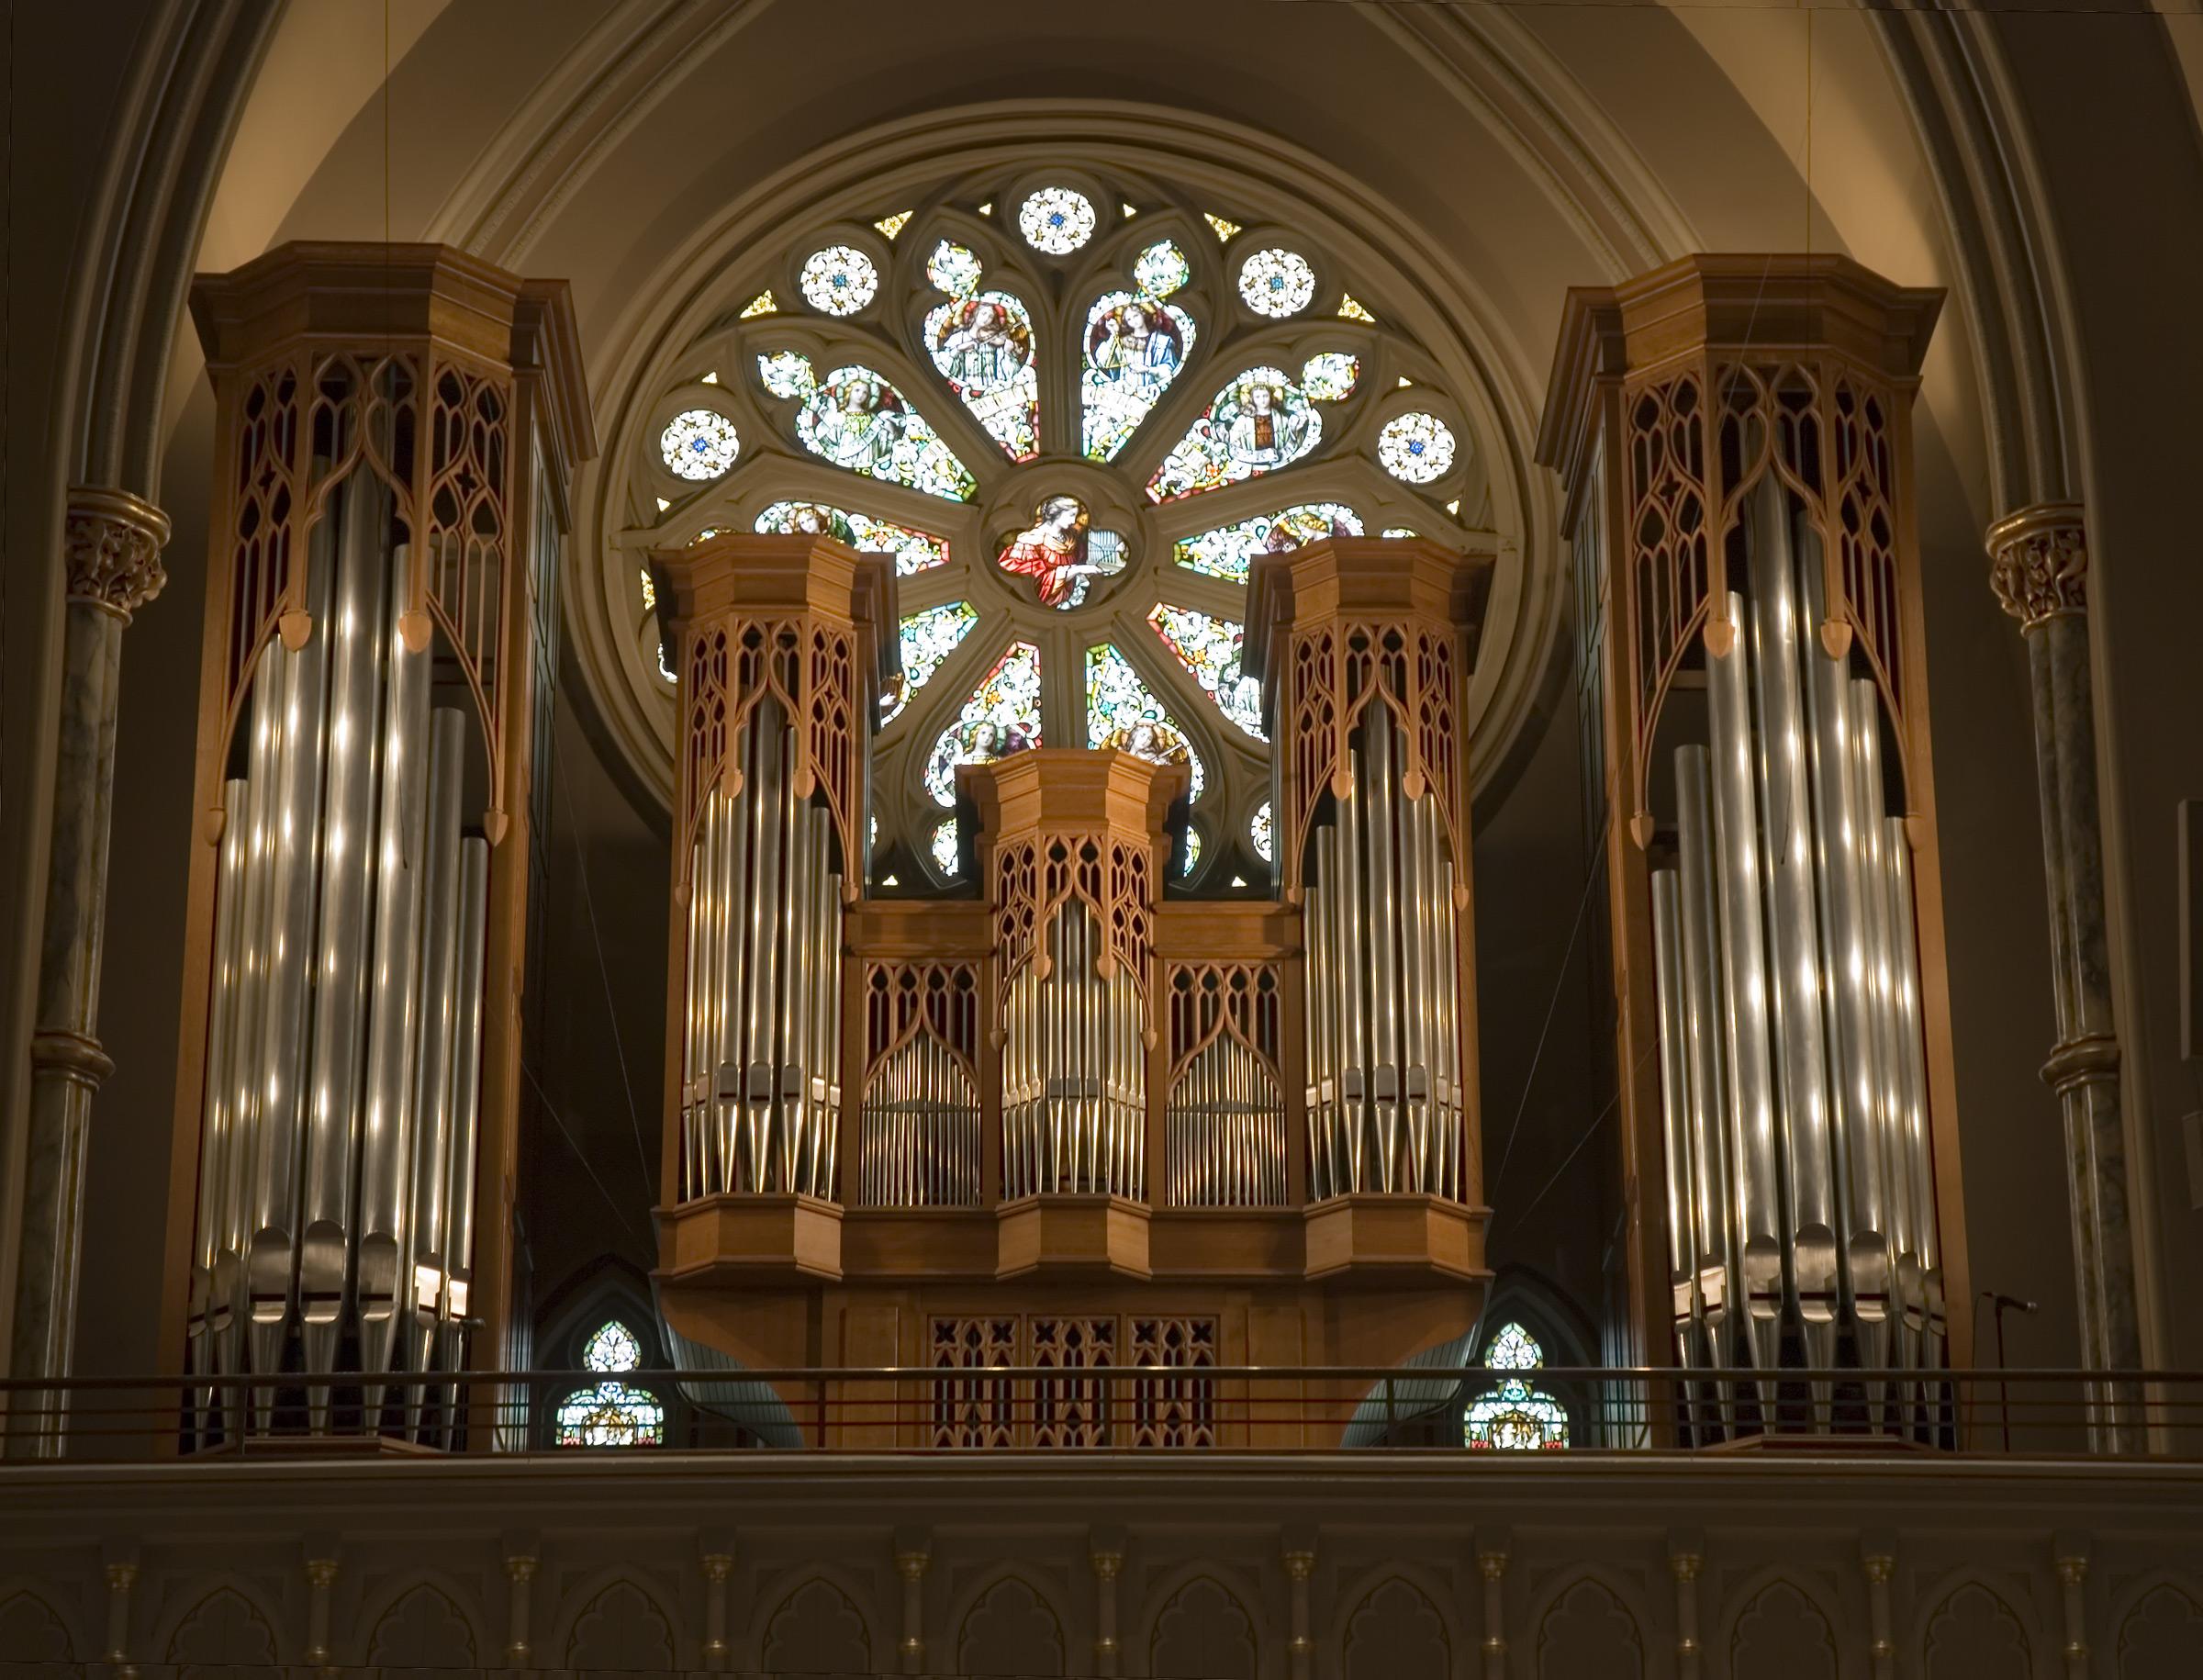 cathedral-organ-1419660